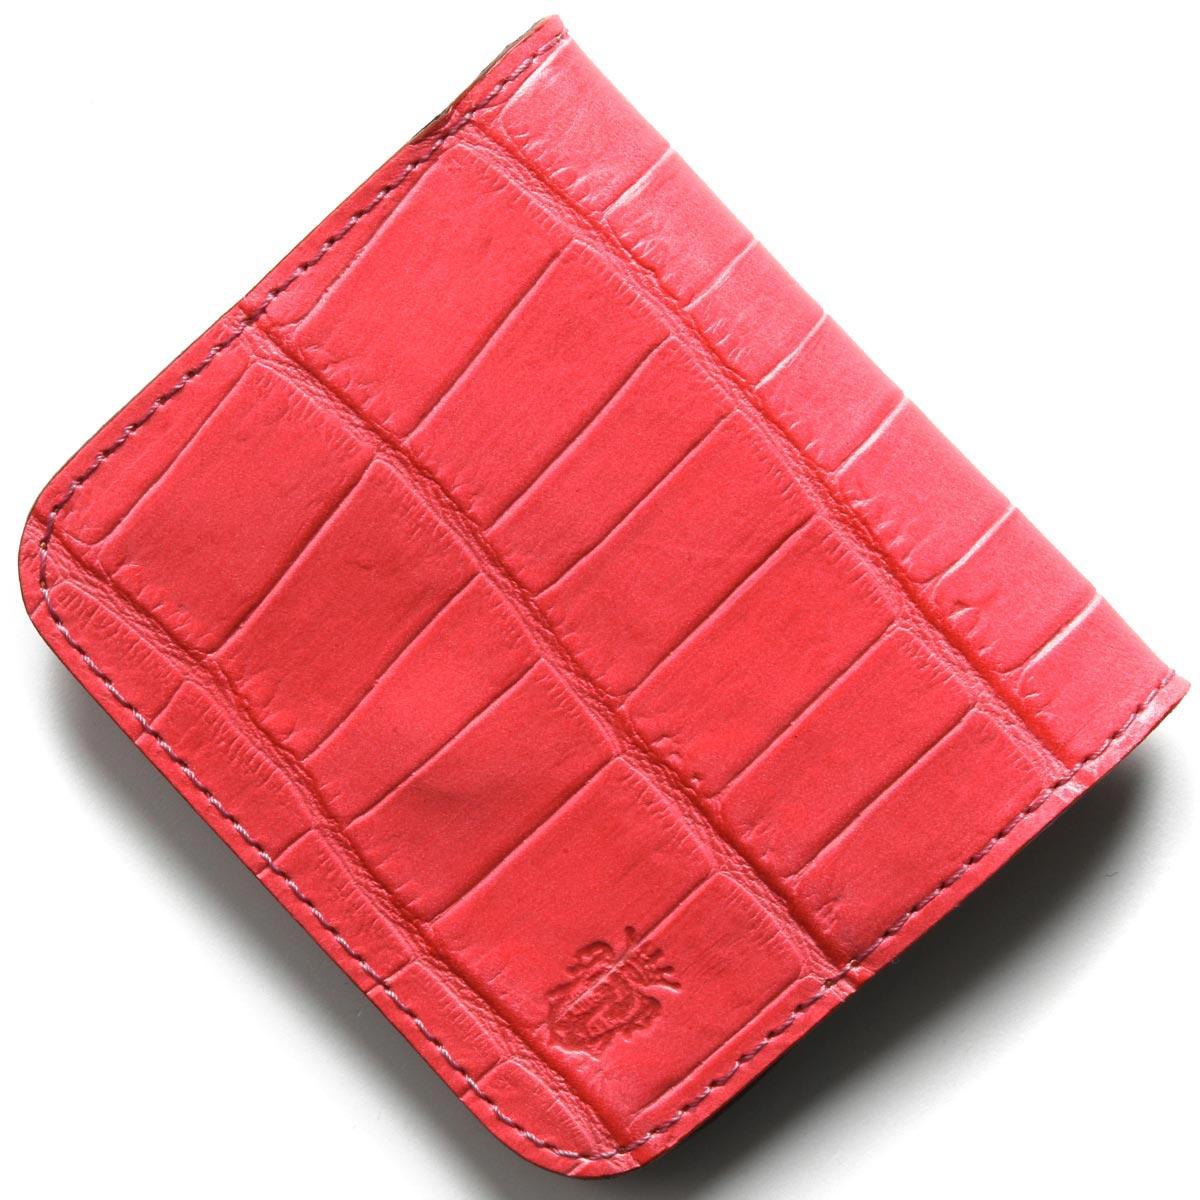 フェリージ コインケース(小銭入れ) 財布 メンズ クロコ型押し フクシアピンク 914 SA 0031 FELISI